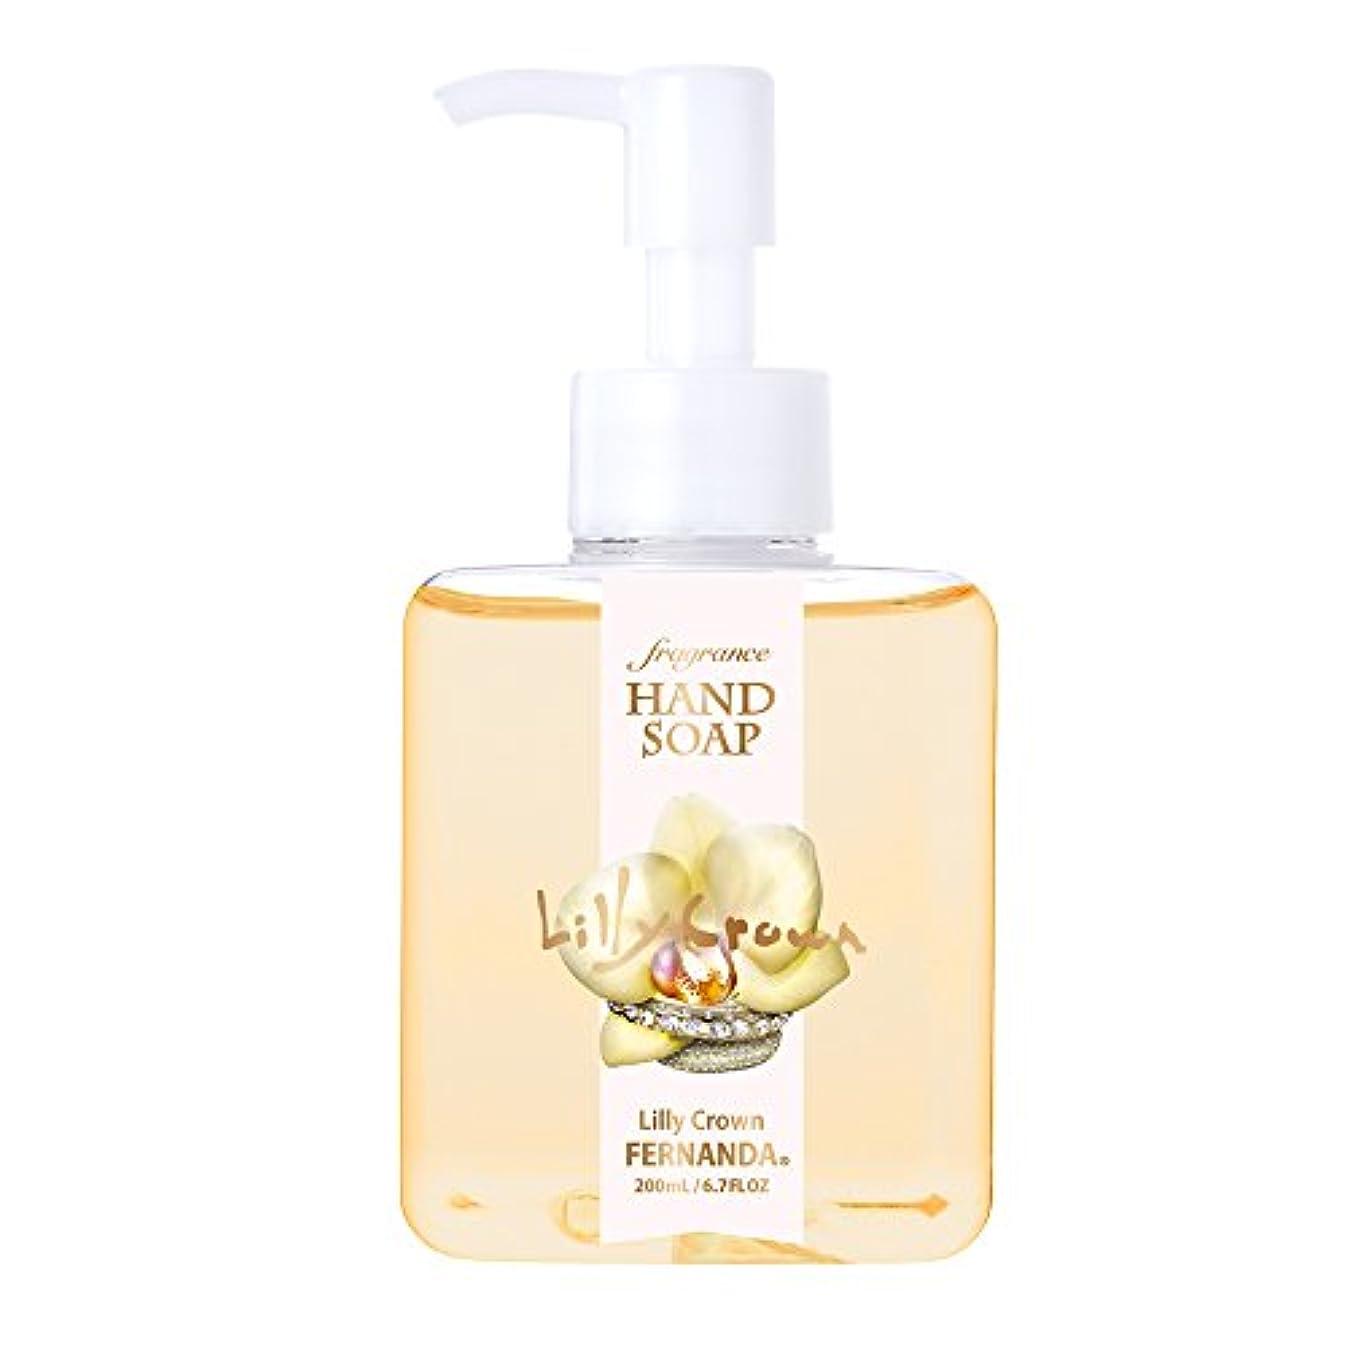 コンパニオンラブ実質的FERNANDA(フェルナンダ) Fragrance Hand Soap Lilly Crown (ハンドソープ リリークラウン)